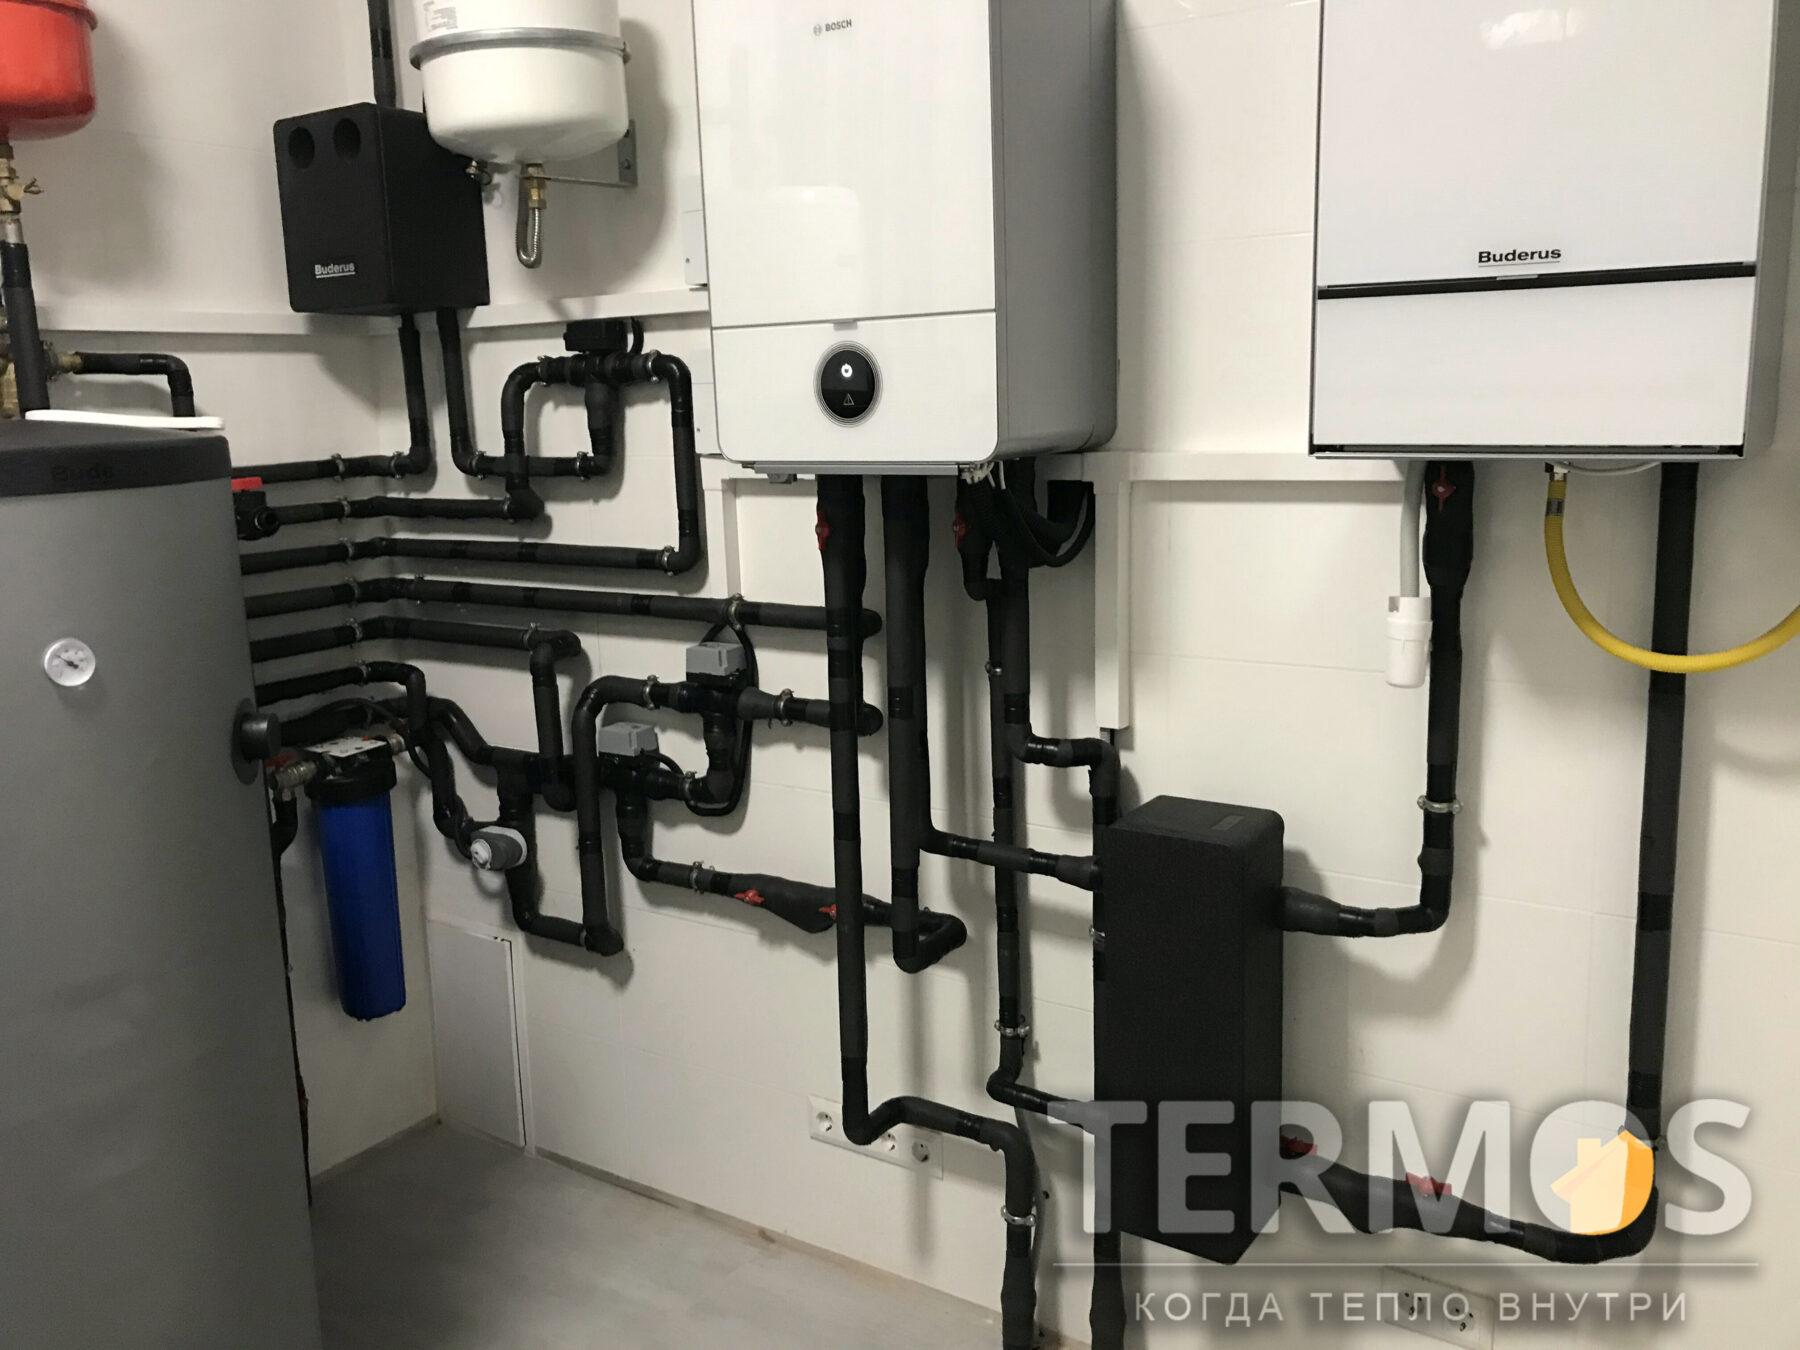 Золоче. Дом 320 кв м. Автоматика теплового насоса, анализируя наружную температуру и режим работы, выбирает источники тепла, обеспечивающие большую эффективность